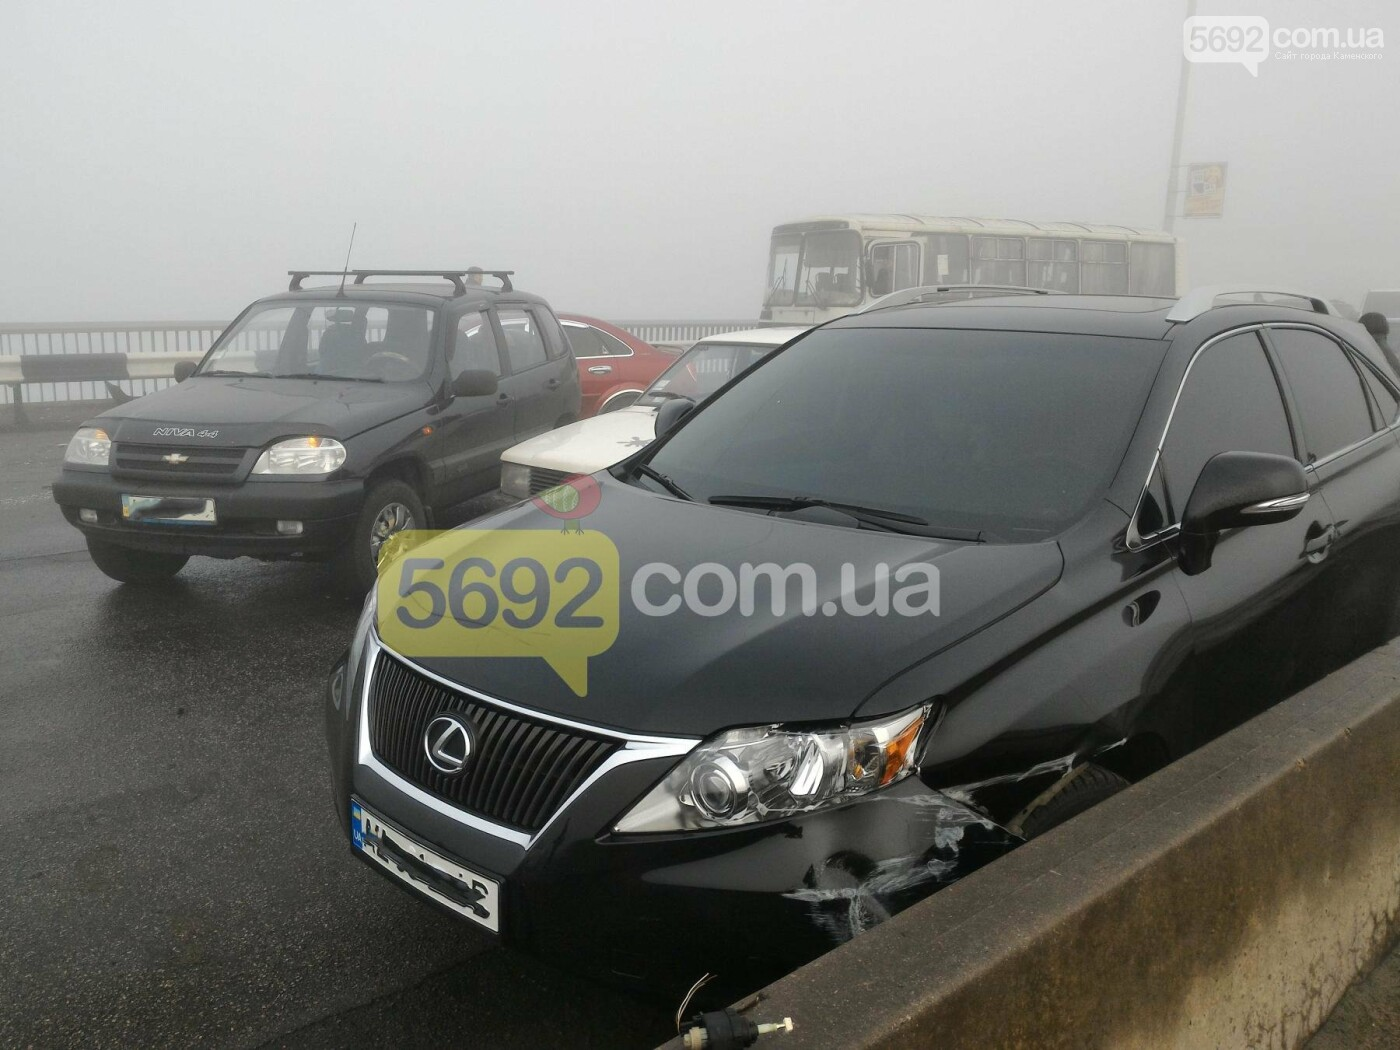 В Каменском на мосту произошло массовое ДТП, фото-3